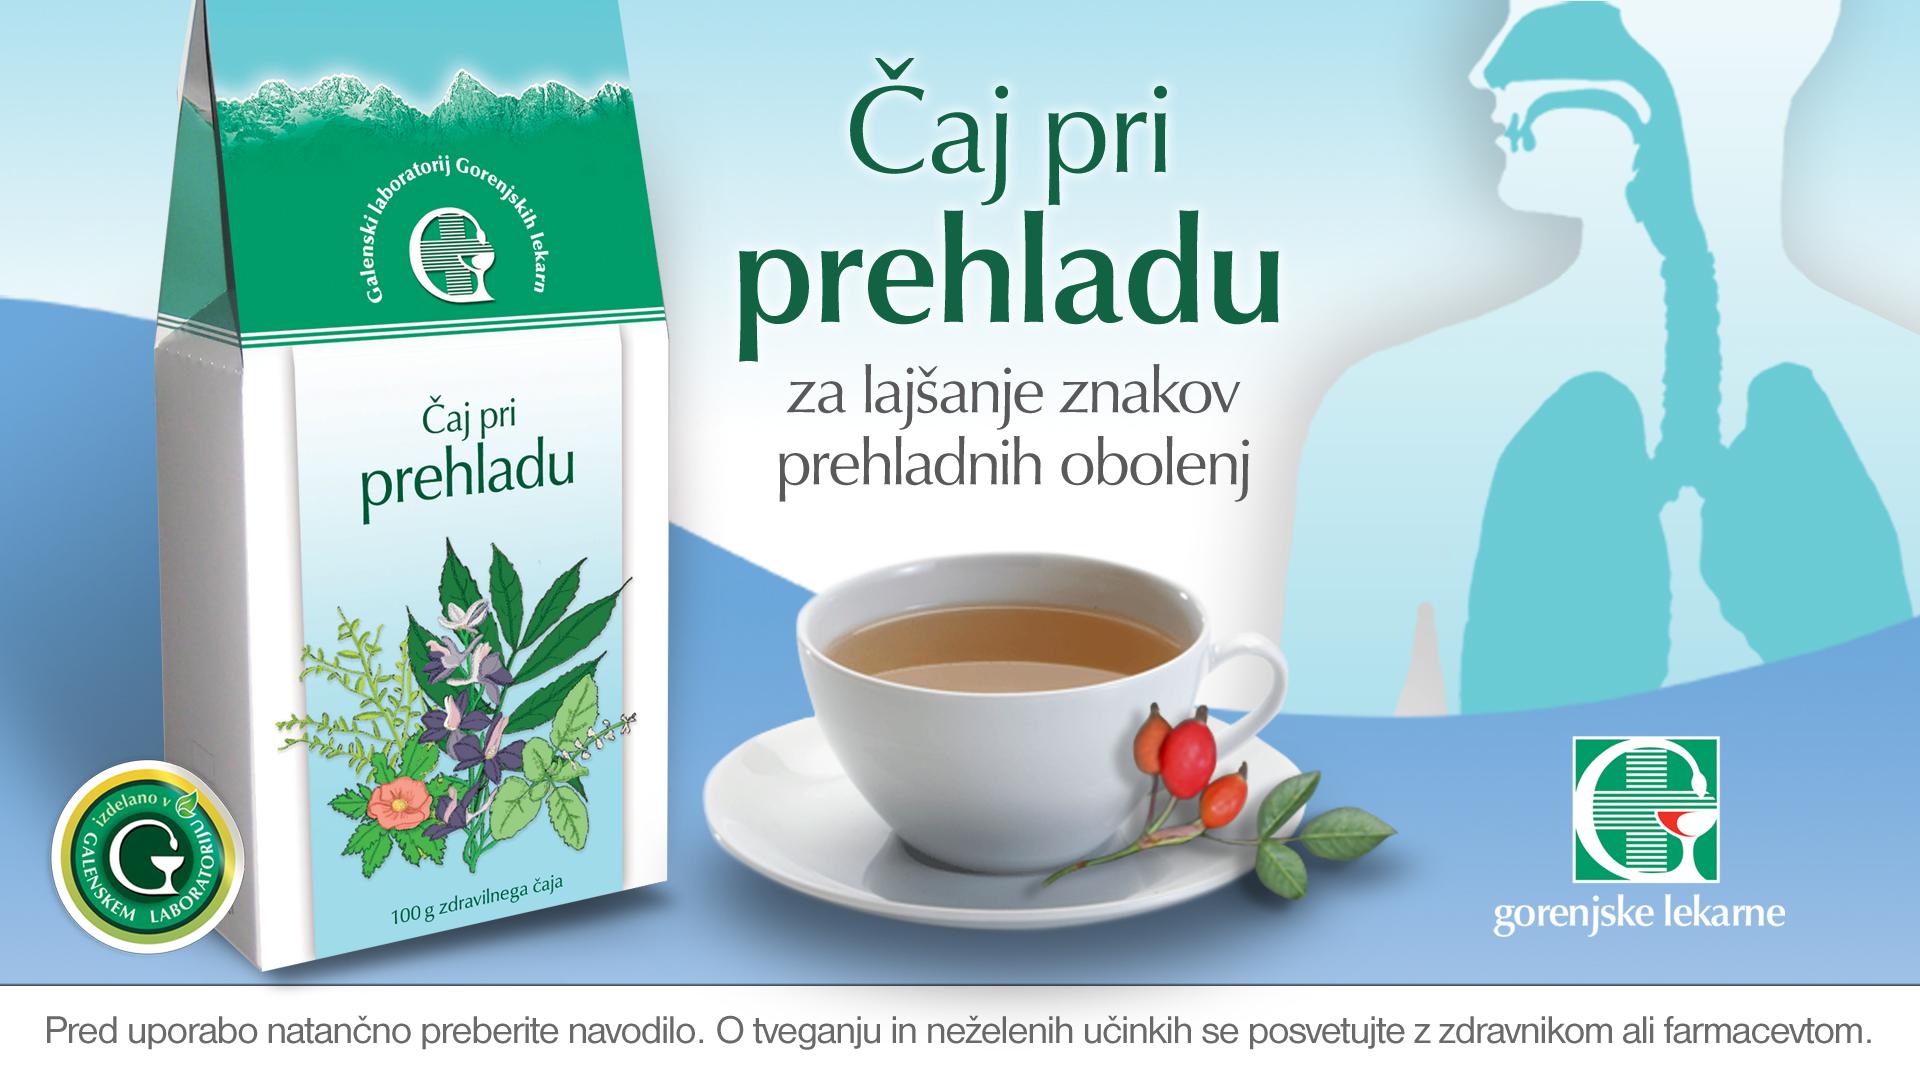 Čaj pri prehladu